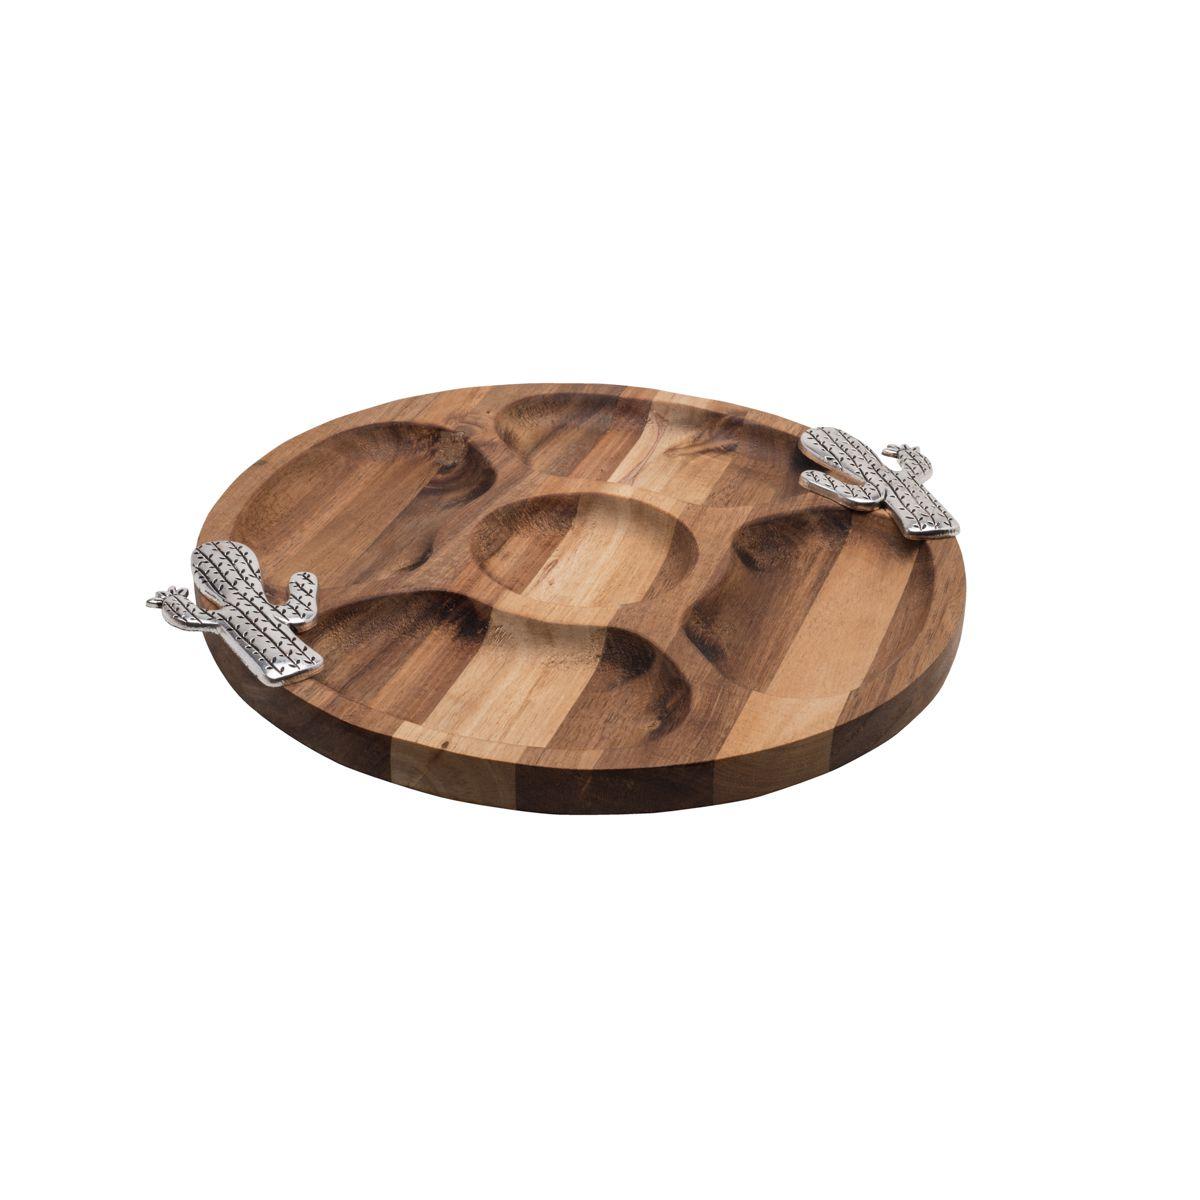 Petisqueira 28 cm redonda de madeira e zamac Acácia Cactus Bon Gourmet - 26357